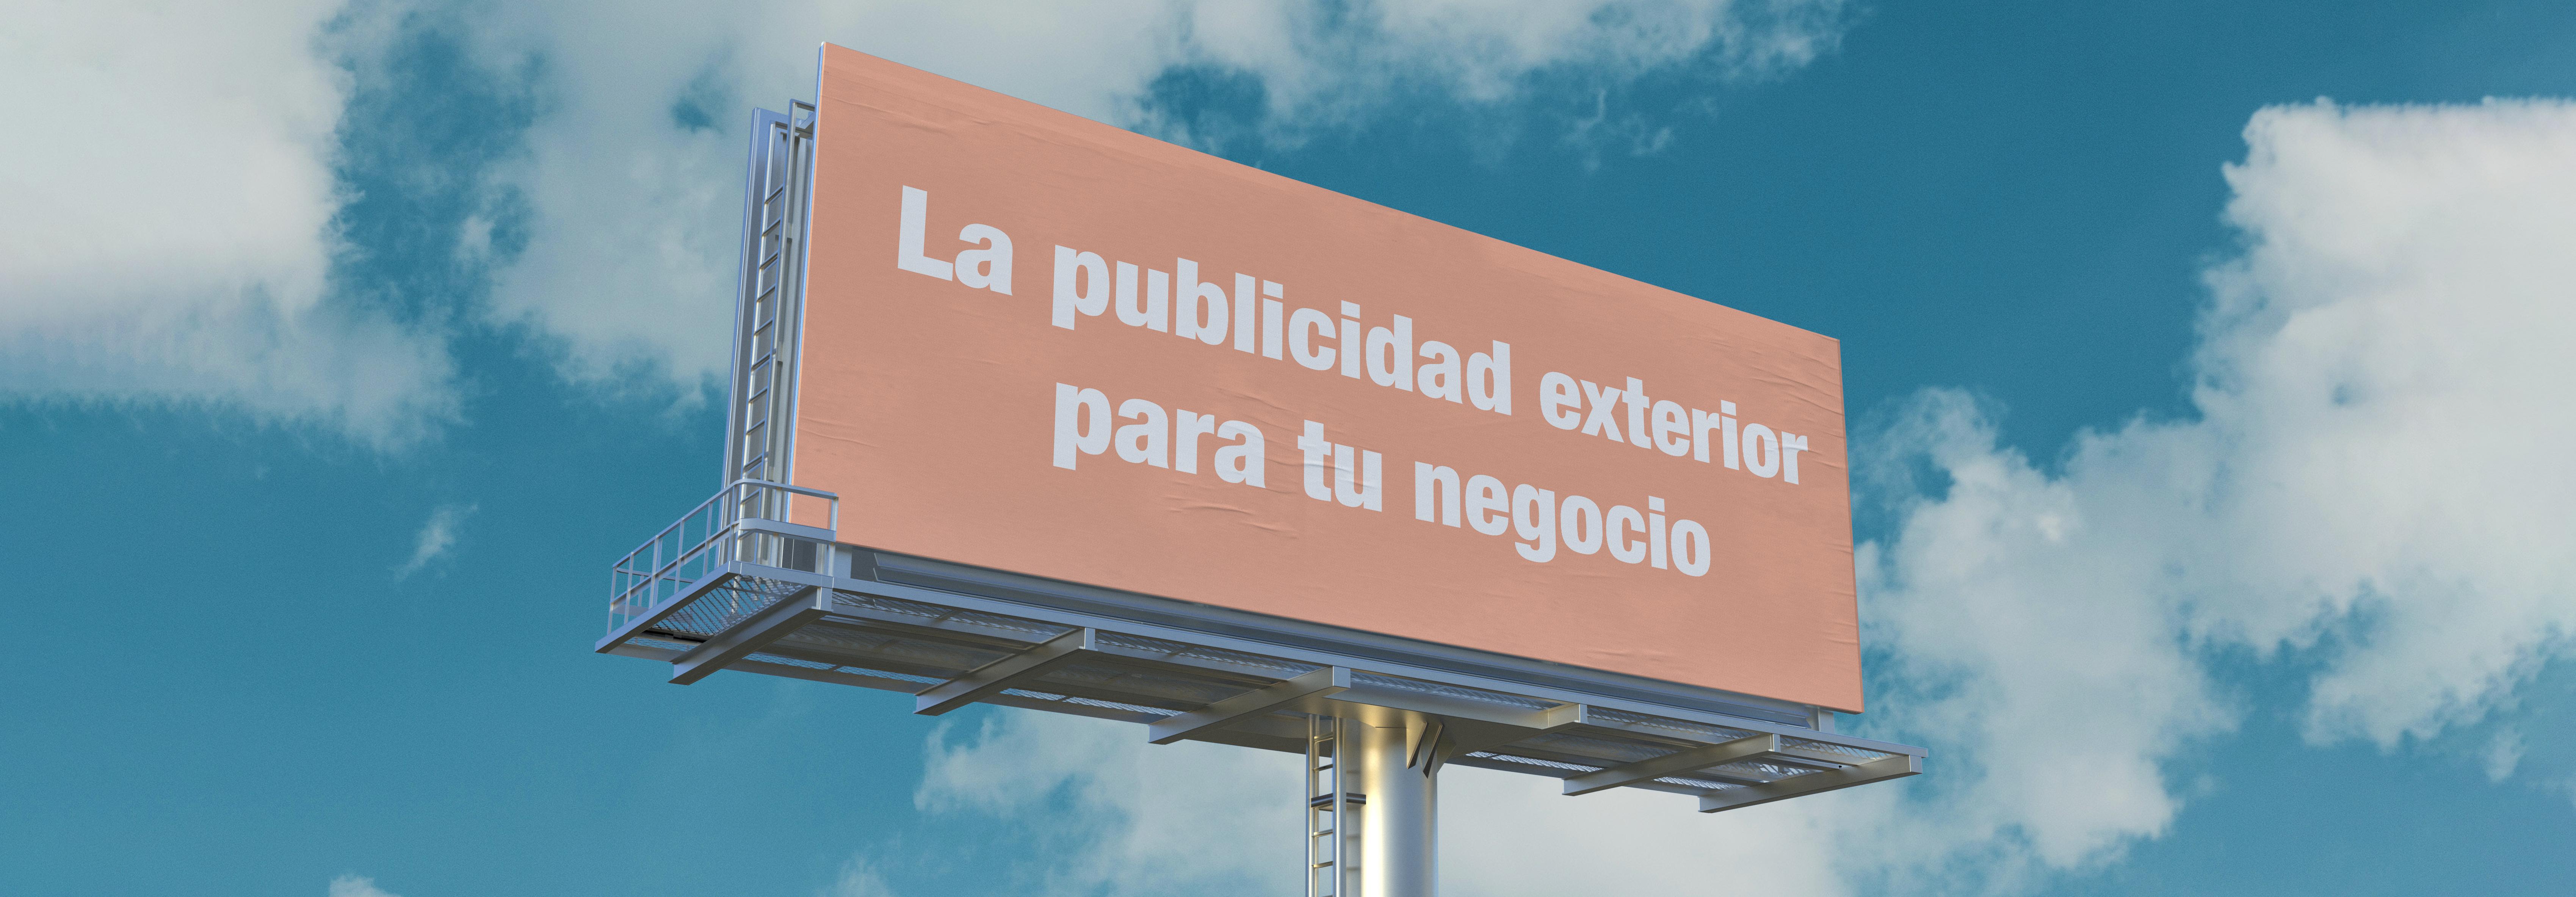 La publicidad exterior para tu negocio